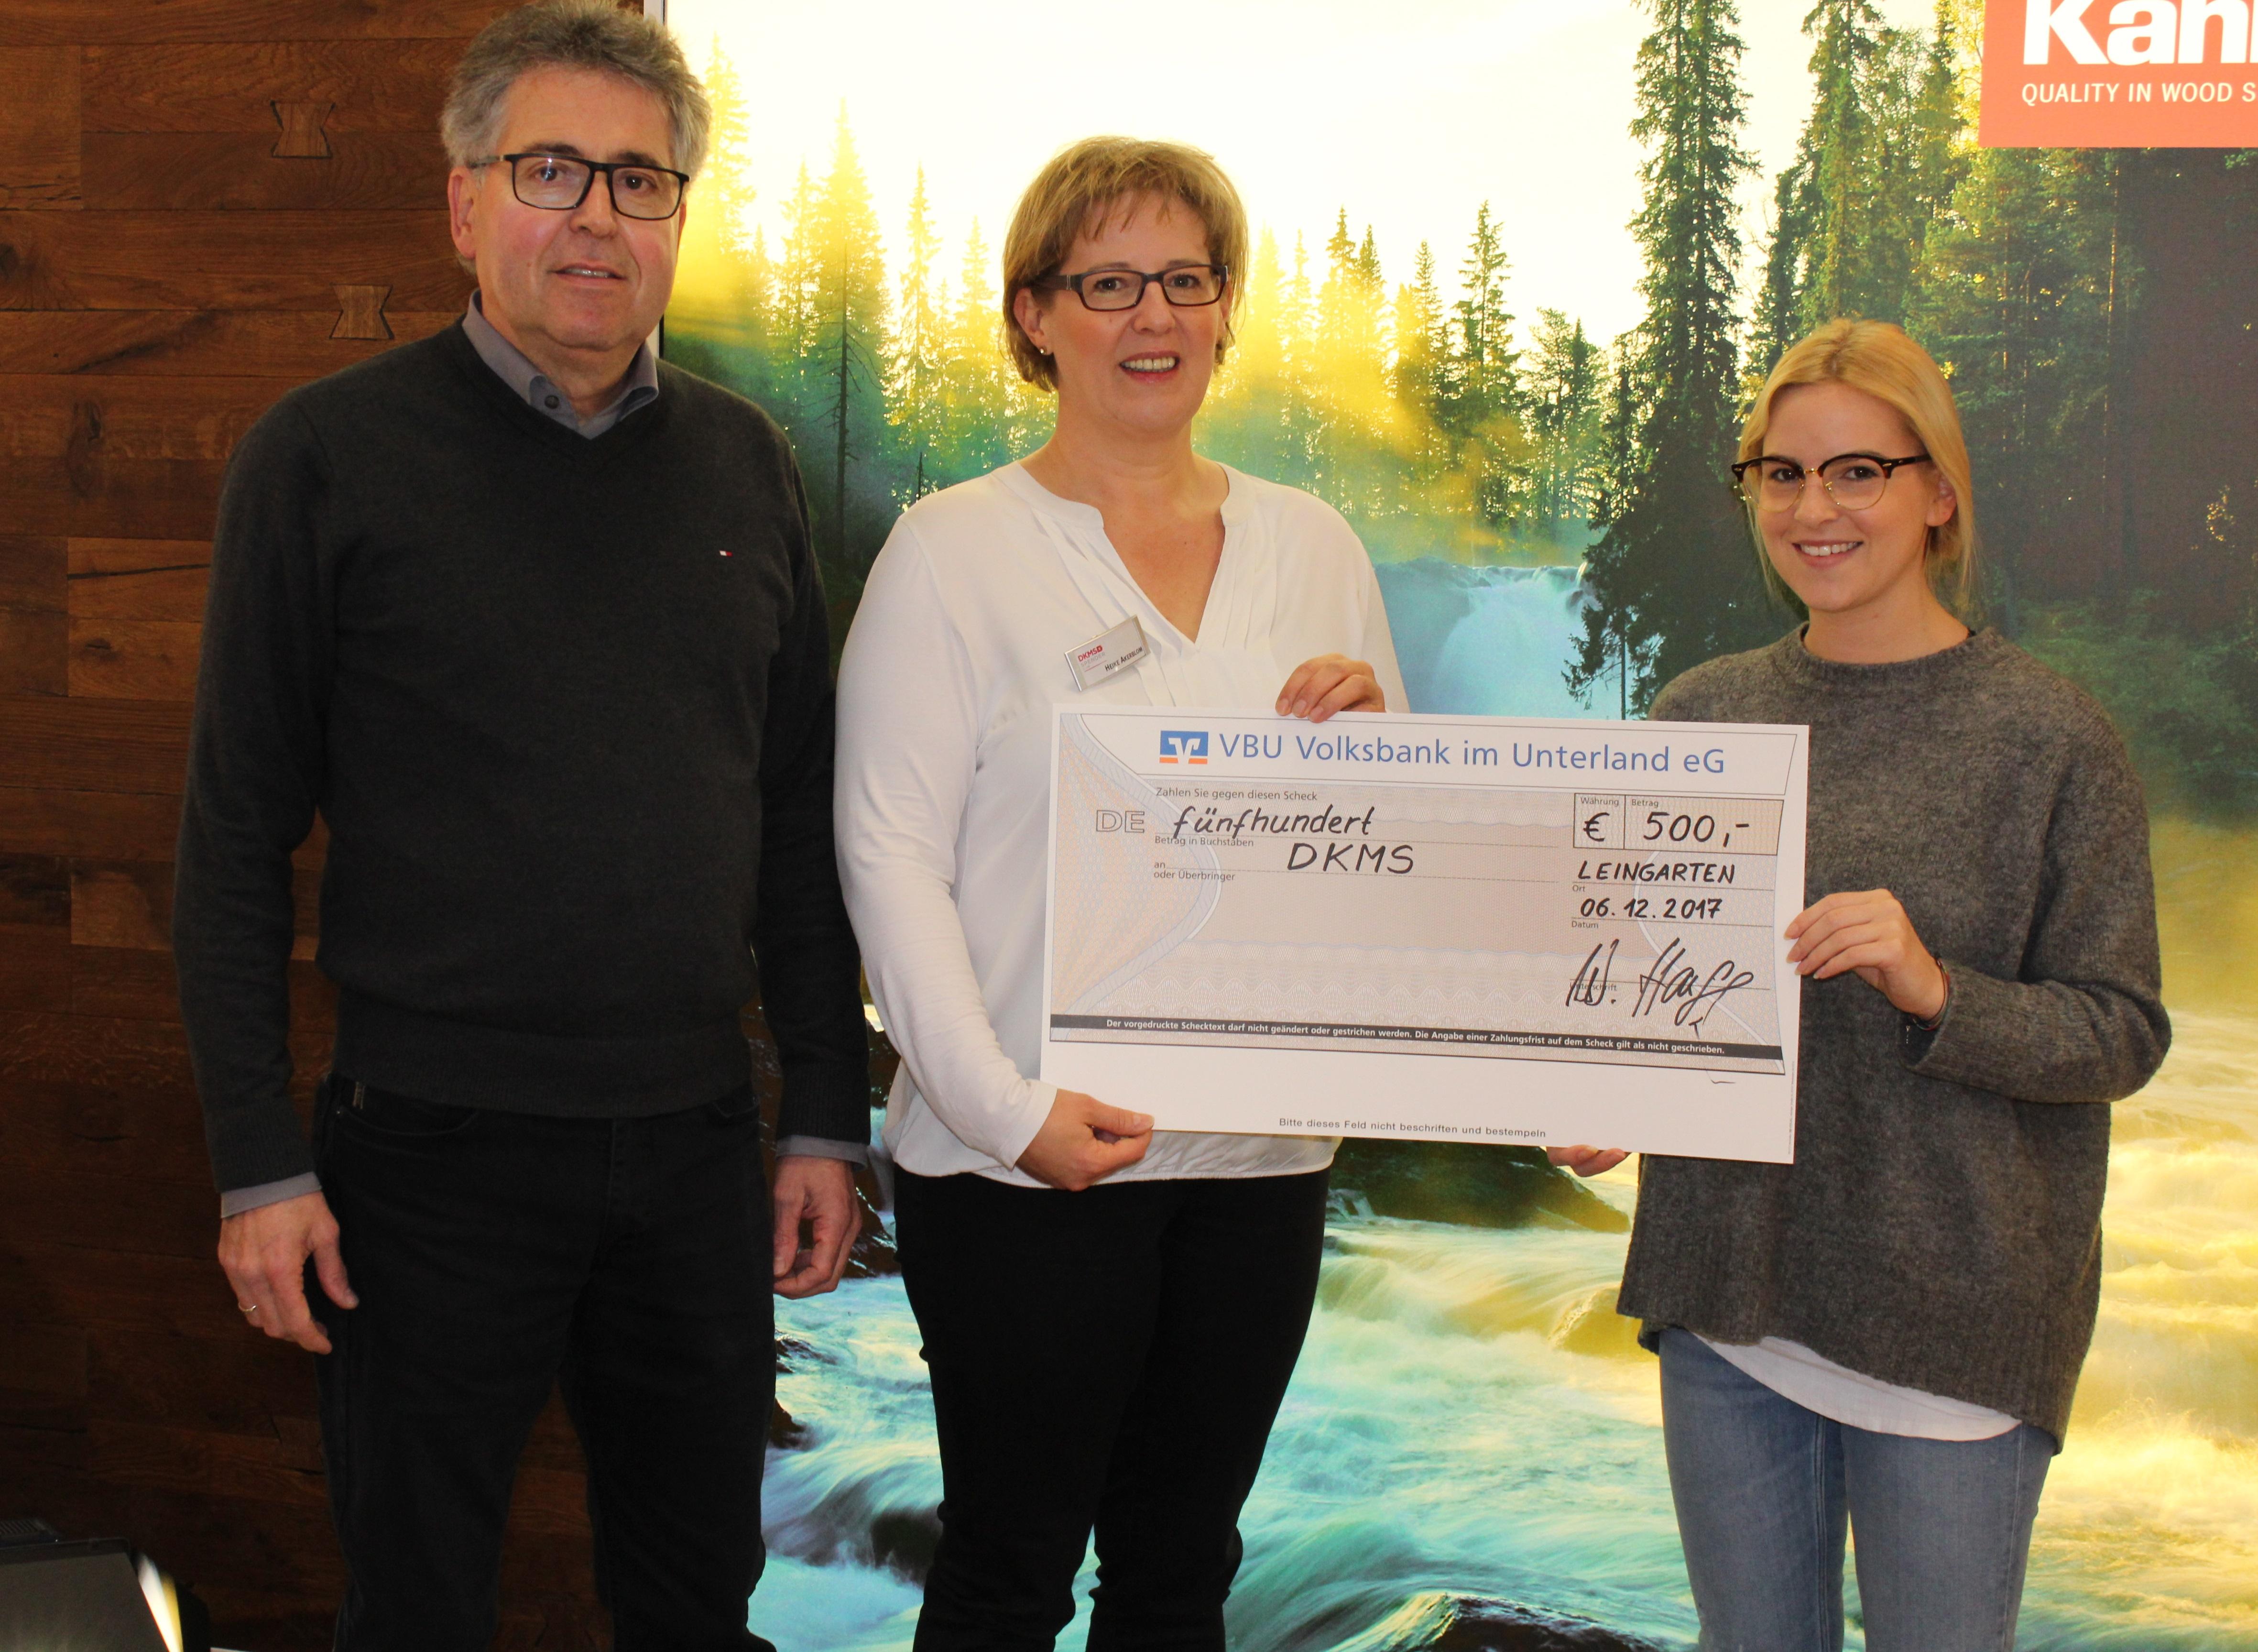 Spende an DKMS von Holz-Hauff in Leingarten